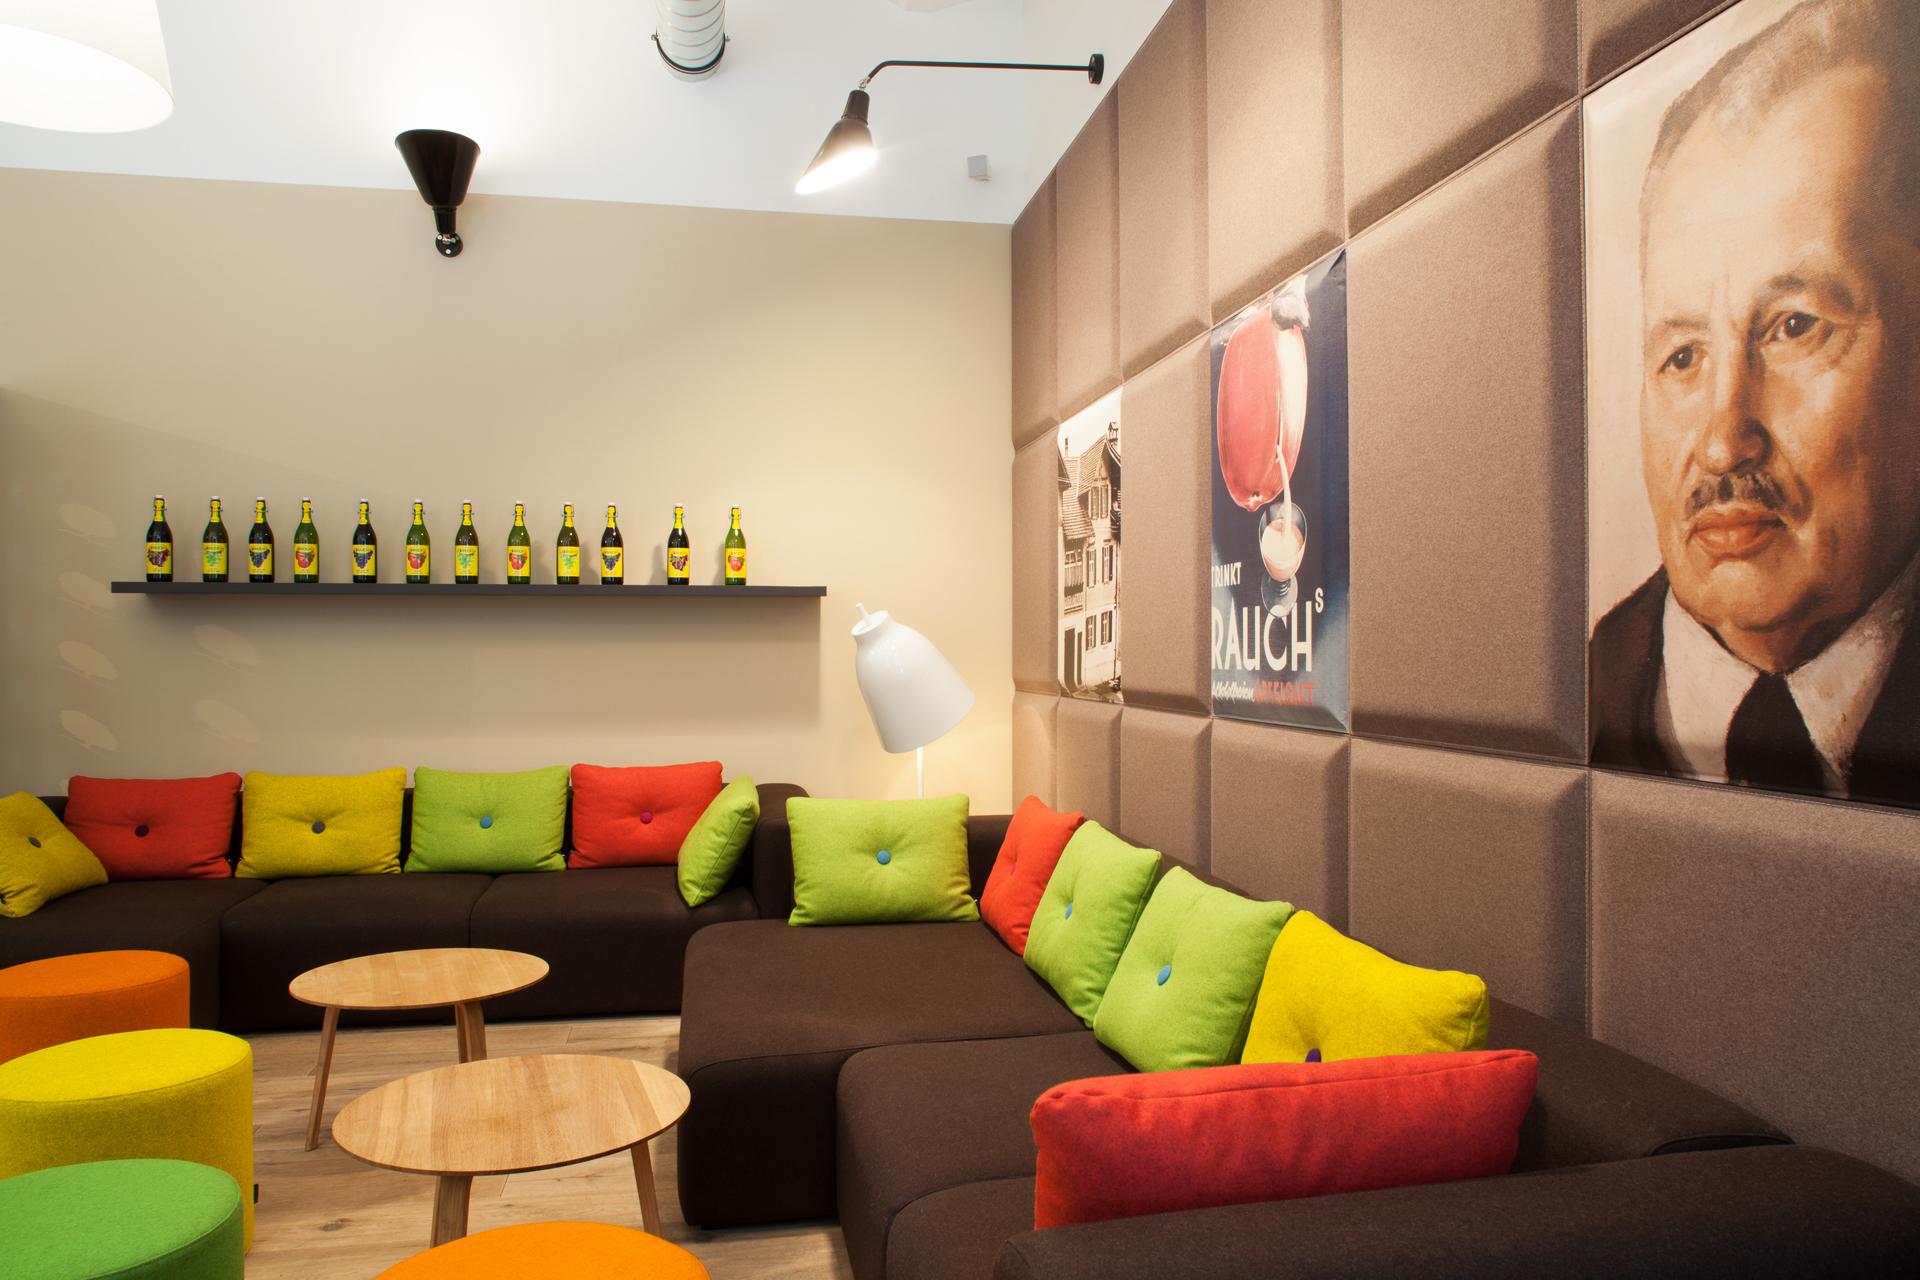 Sitzecke mit Couches, tischen und bunten Hockern in der Rauch Juice Bar